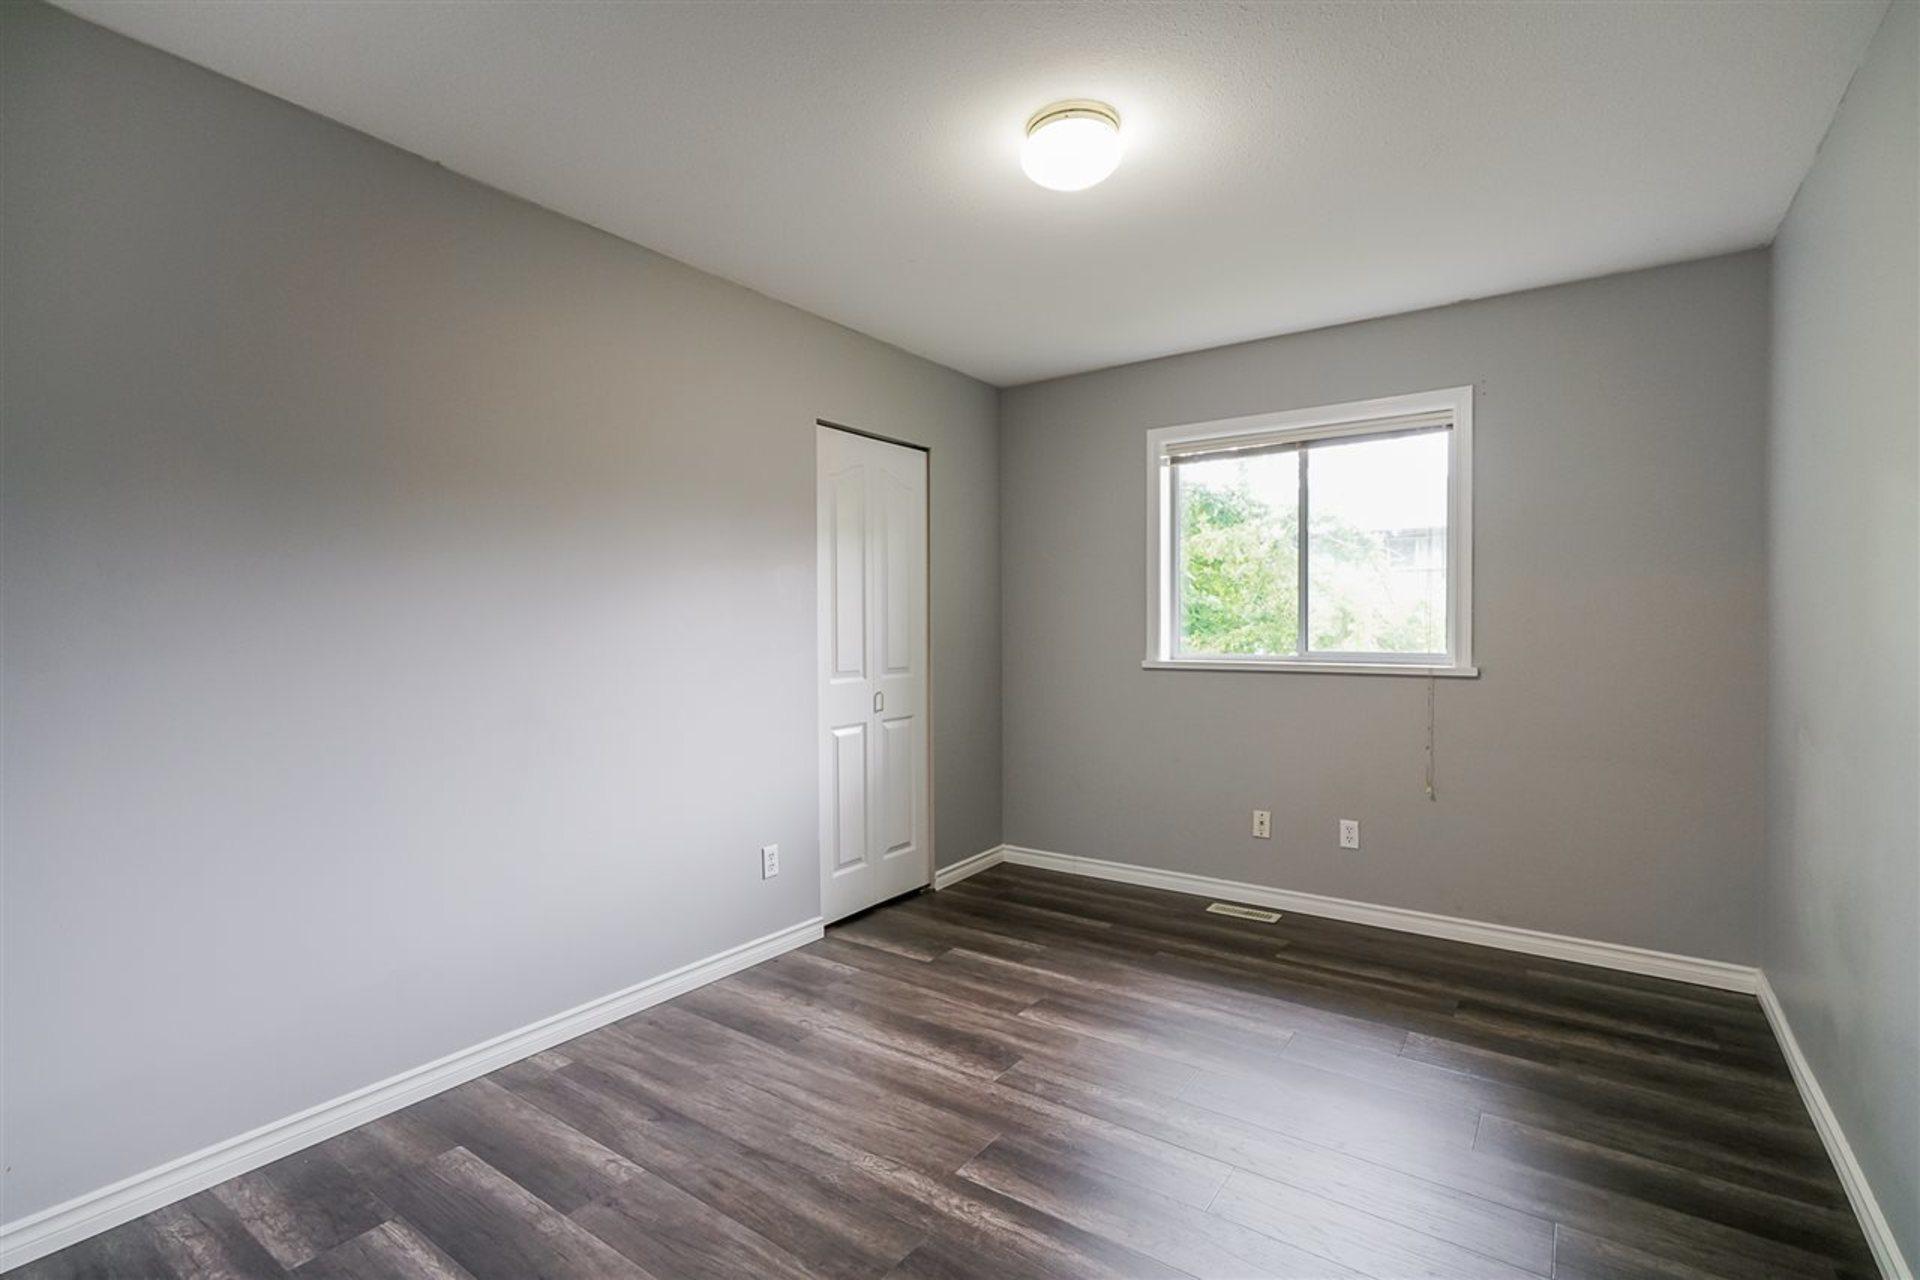 22110-122-avenue-west-central-maple-ridge-15 of 22110 122 Avenue, West Central, Maple Ridge